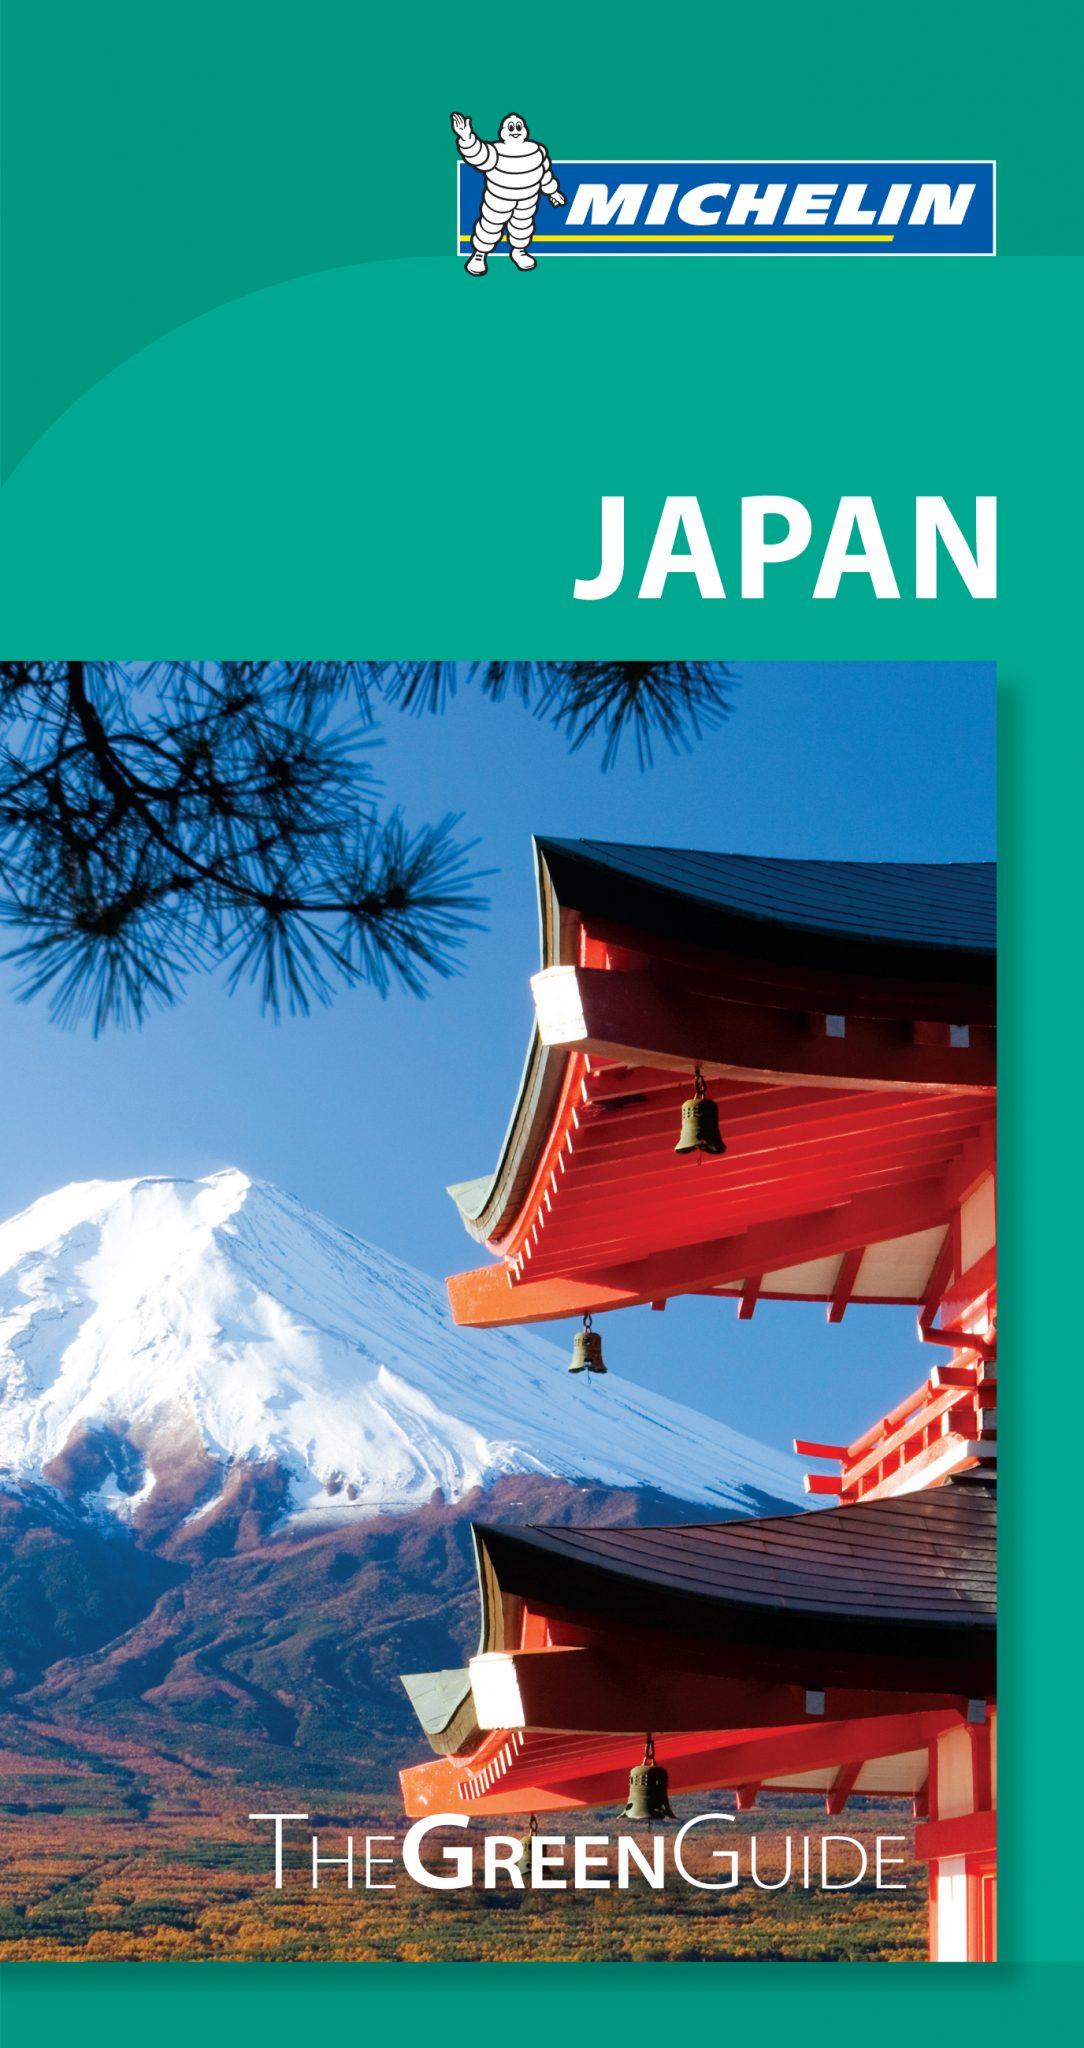 ミシュラン・グリーンガイド・ジャパン英語版改訂第4版